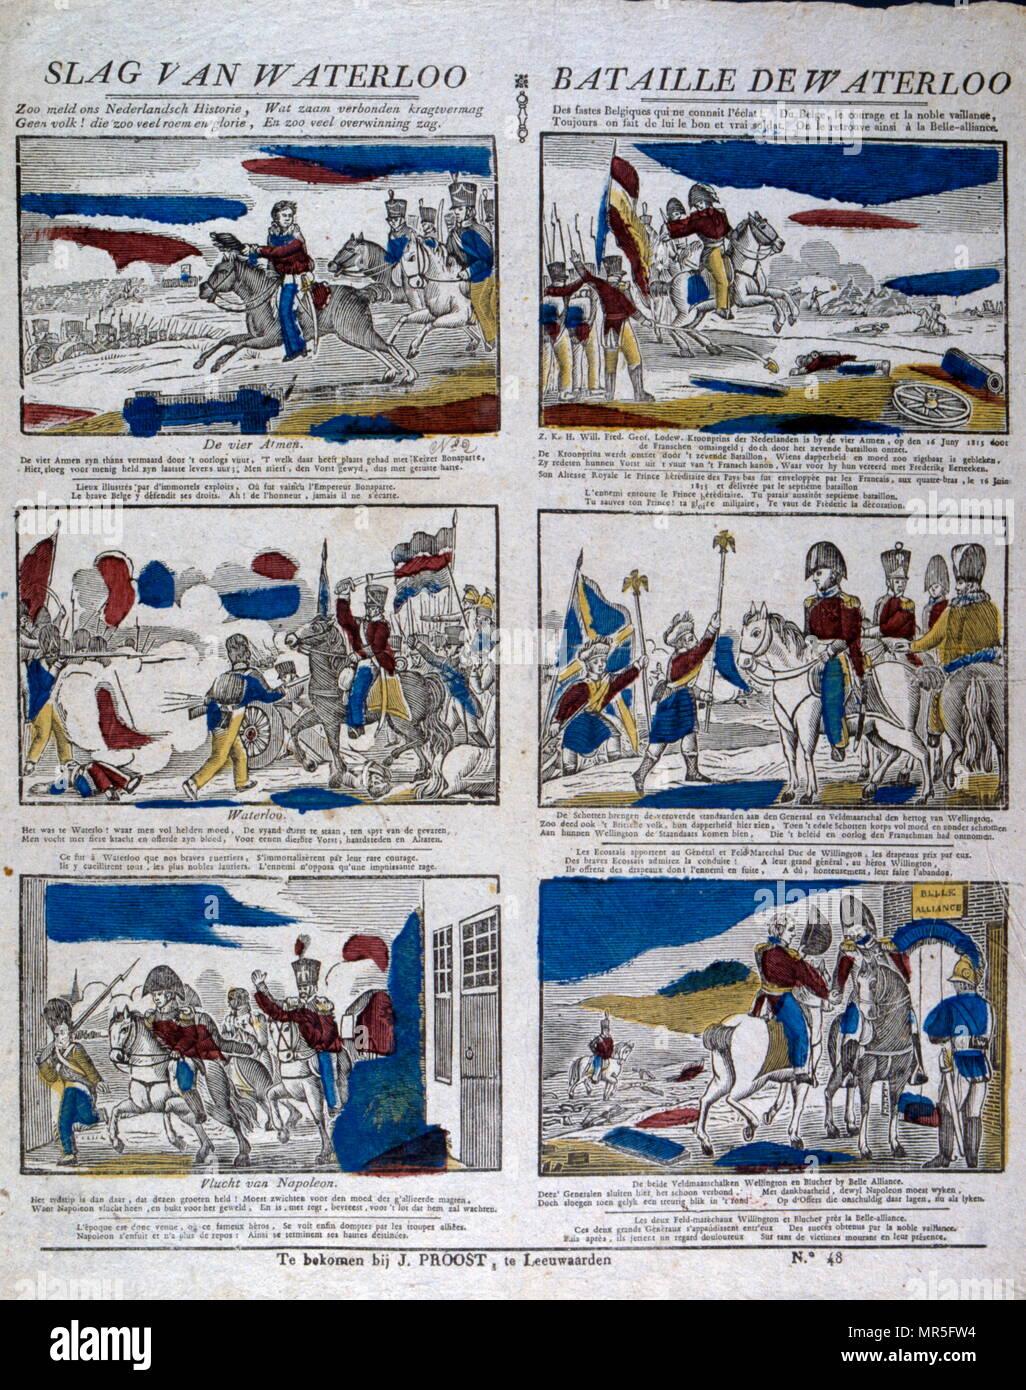 La batalla de Waterloo en 1815. Lengua flamenca y francesa serie de ilustraciones. Imagen De Stock